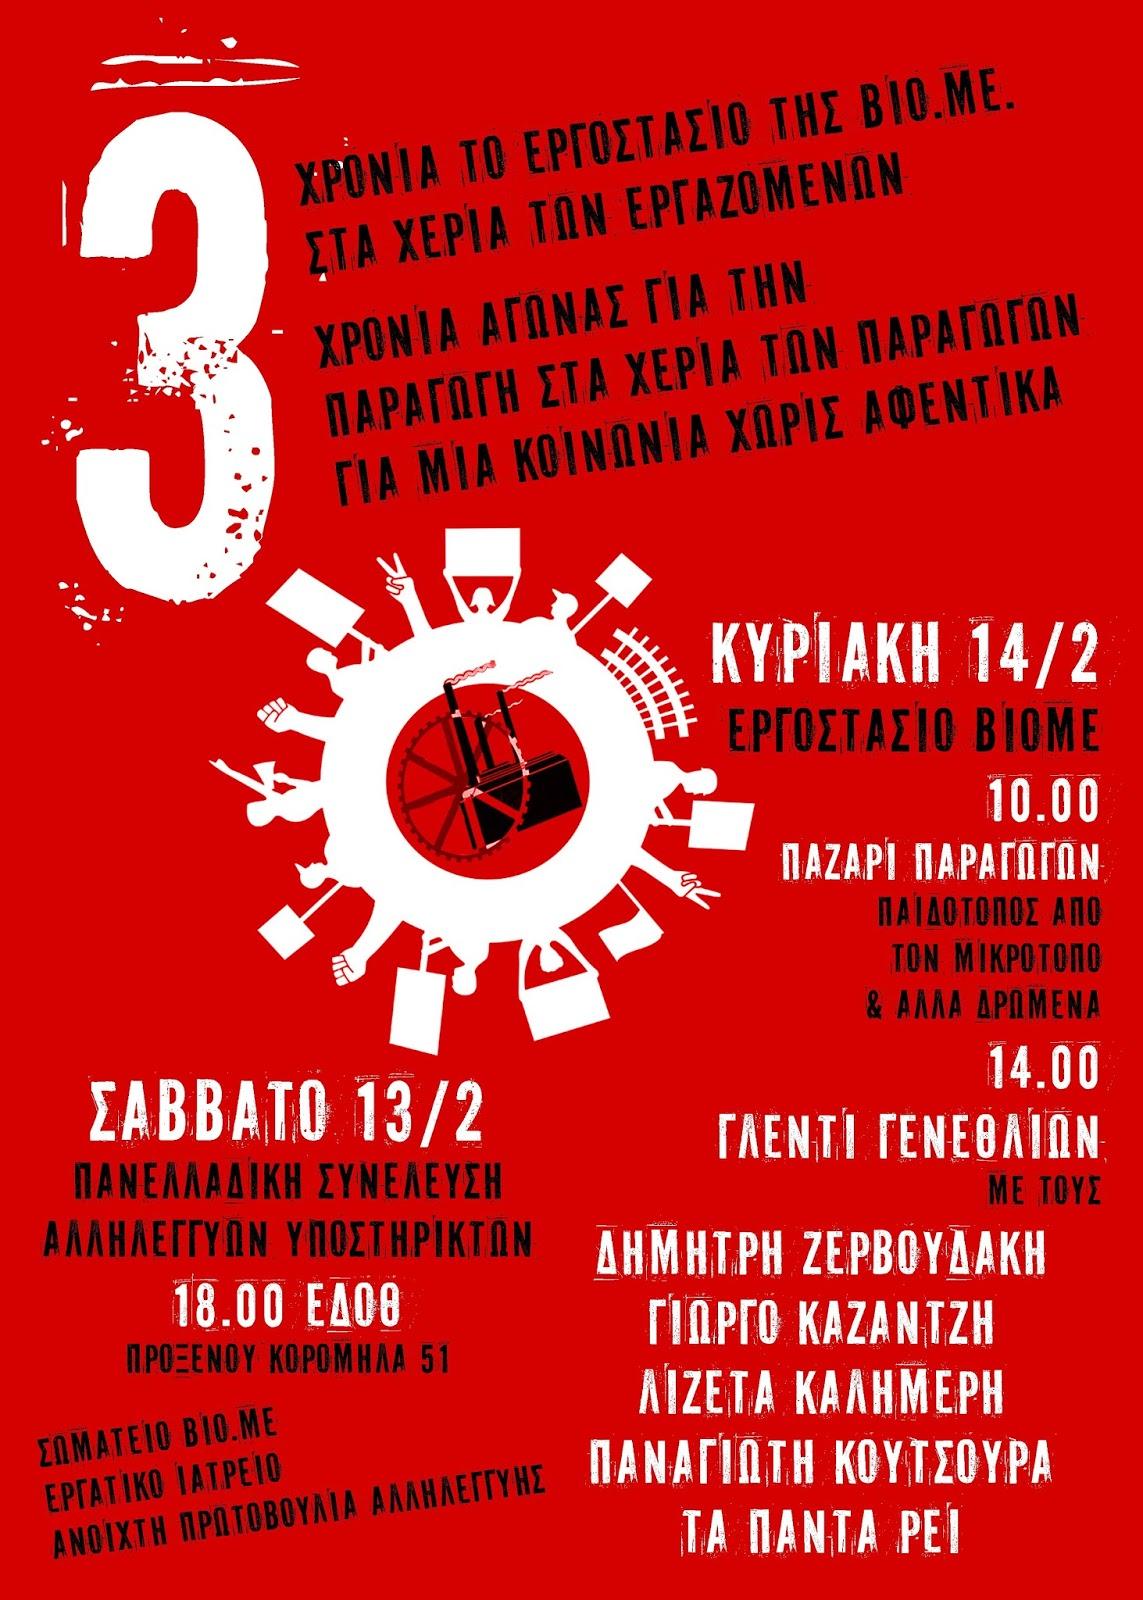 Διήμερο εκδηλώσεων για τα 3 χρόνια της ΒΙΟ.ΜΕ. 13/14 Φεβρουαρίου